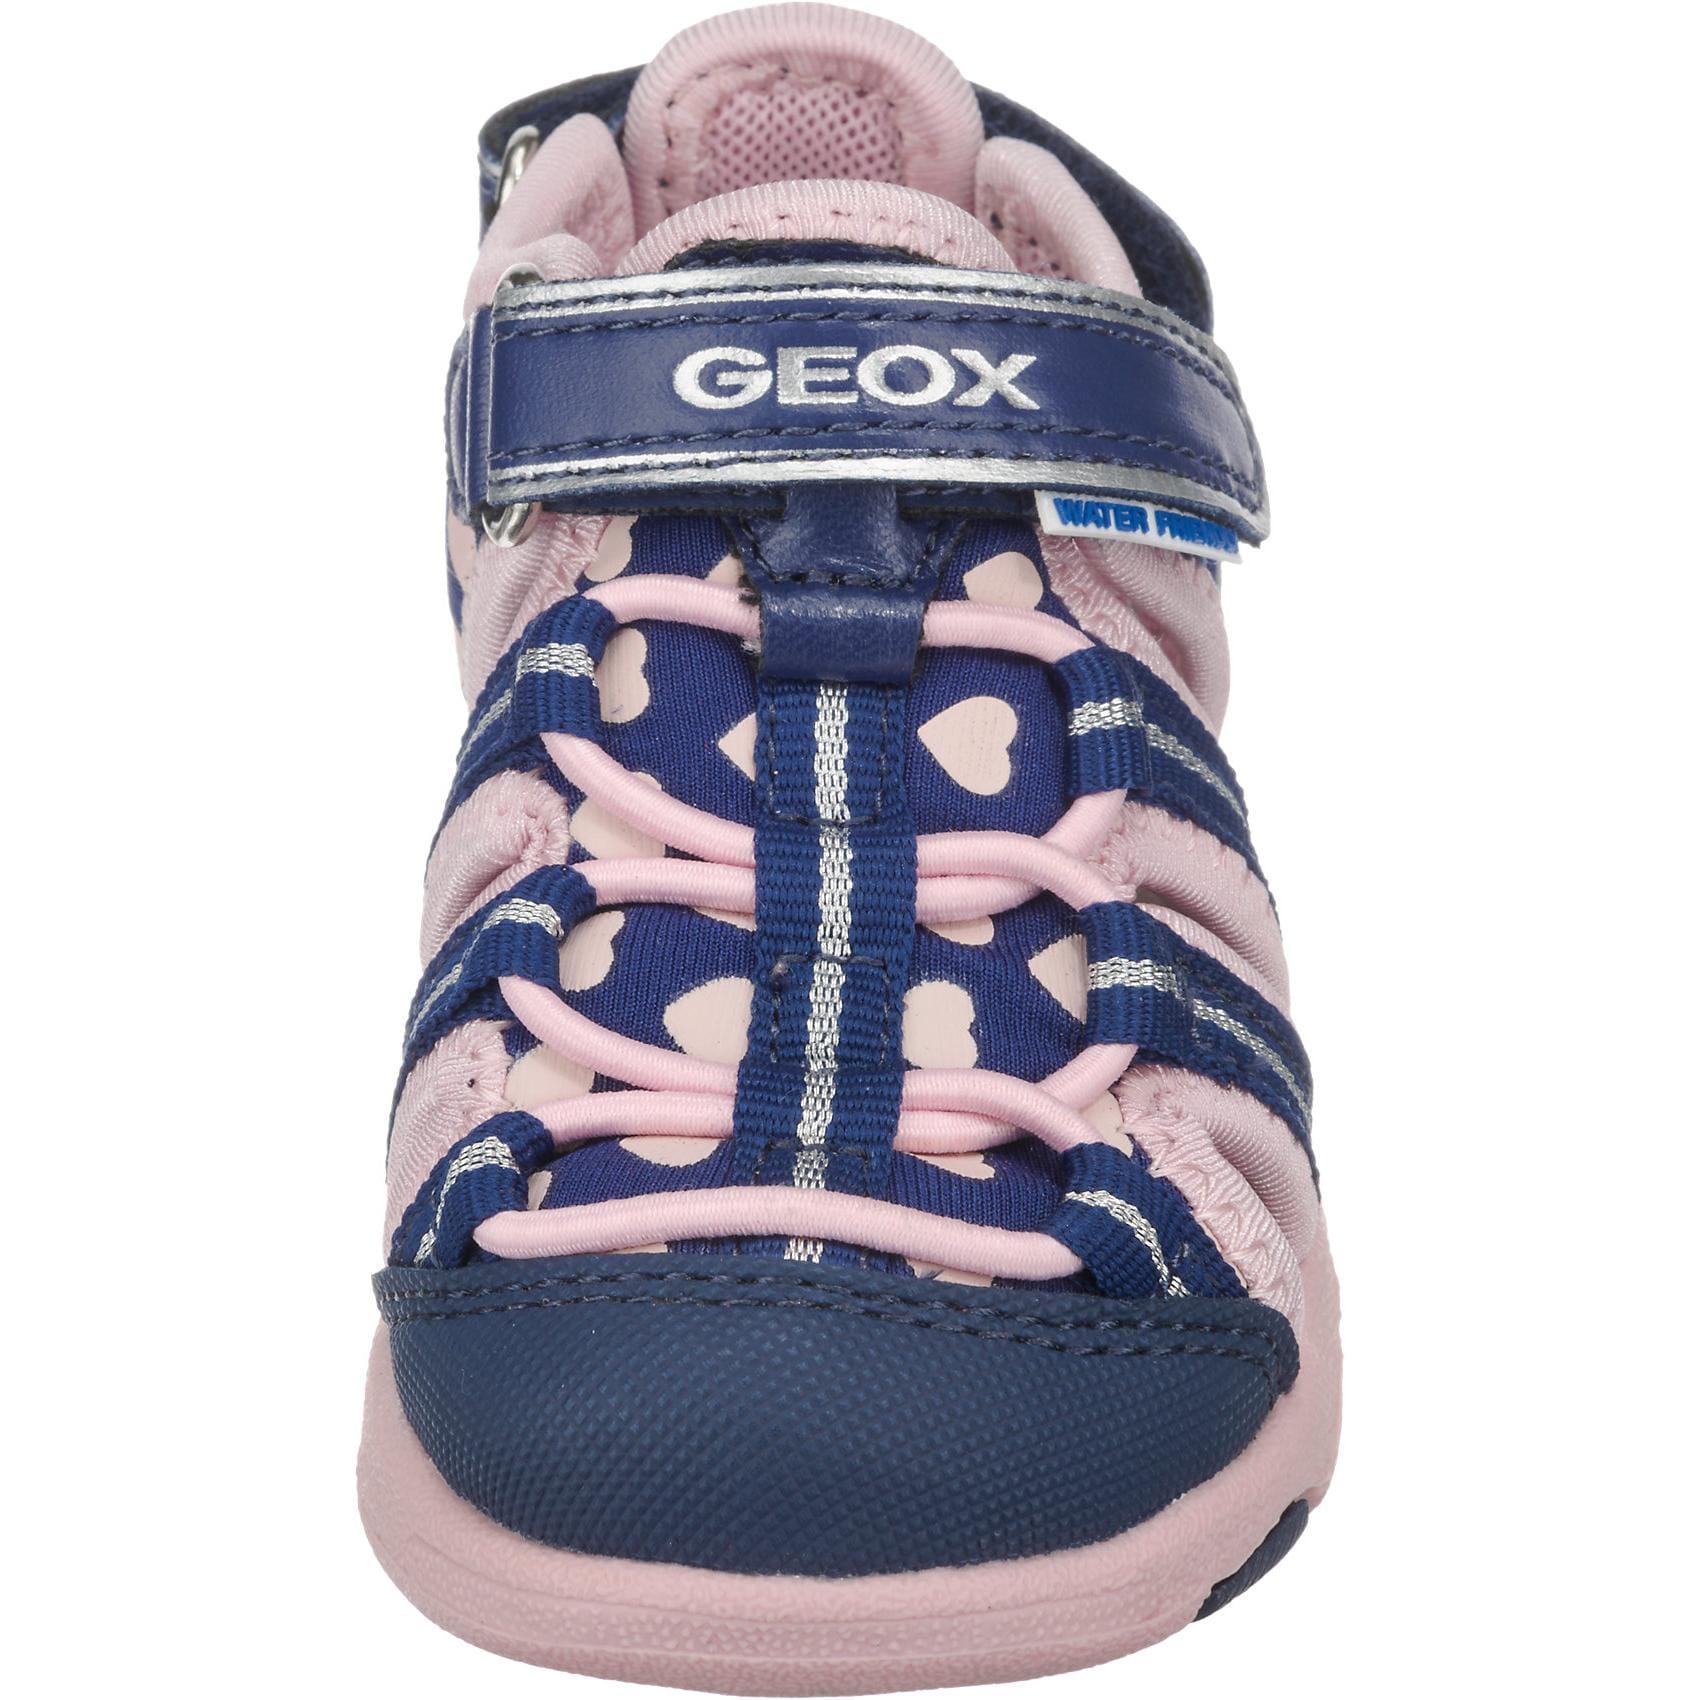 Geox Baby Sandalen Sand.Multy für Mädchen Herzen